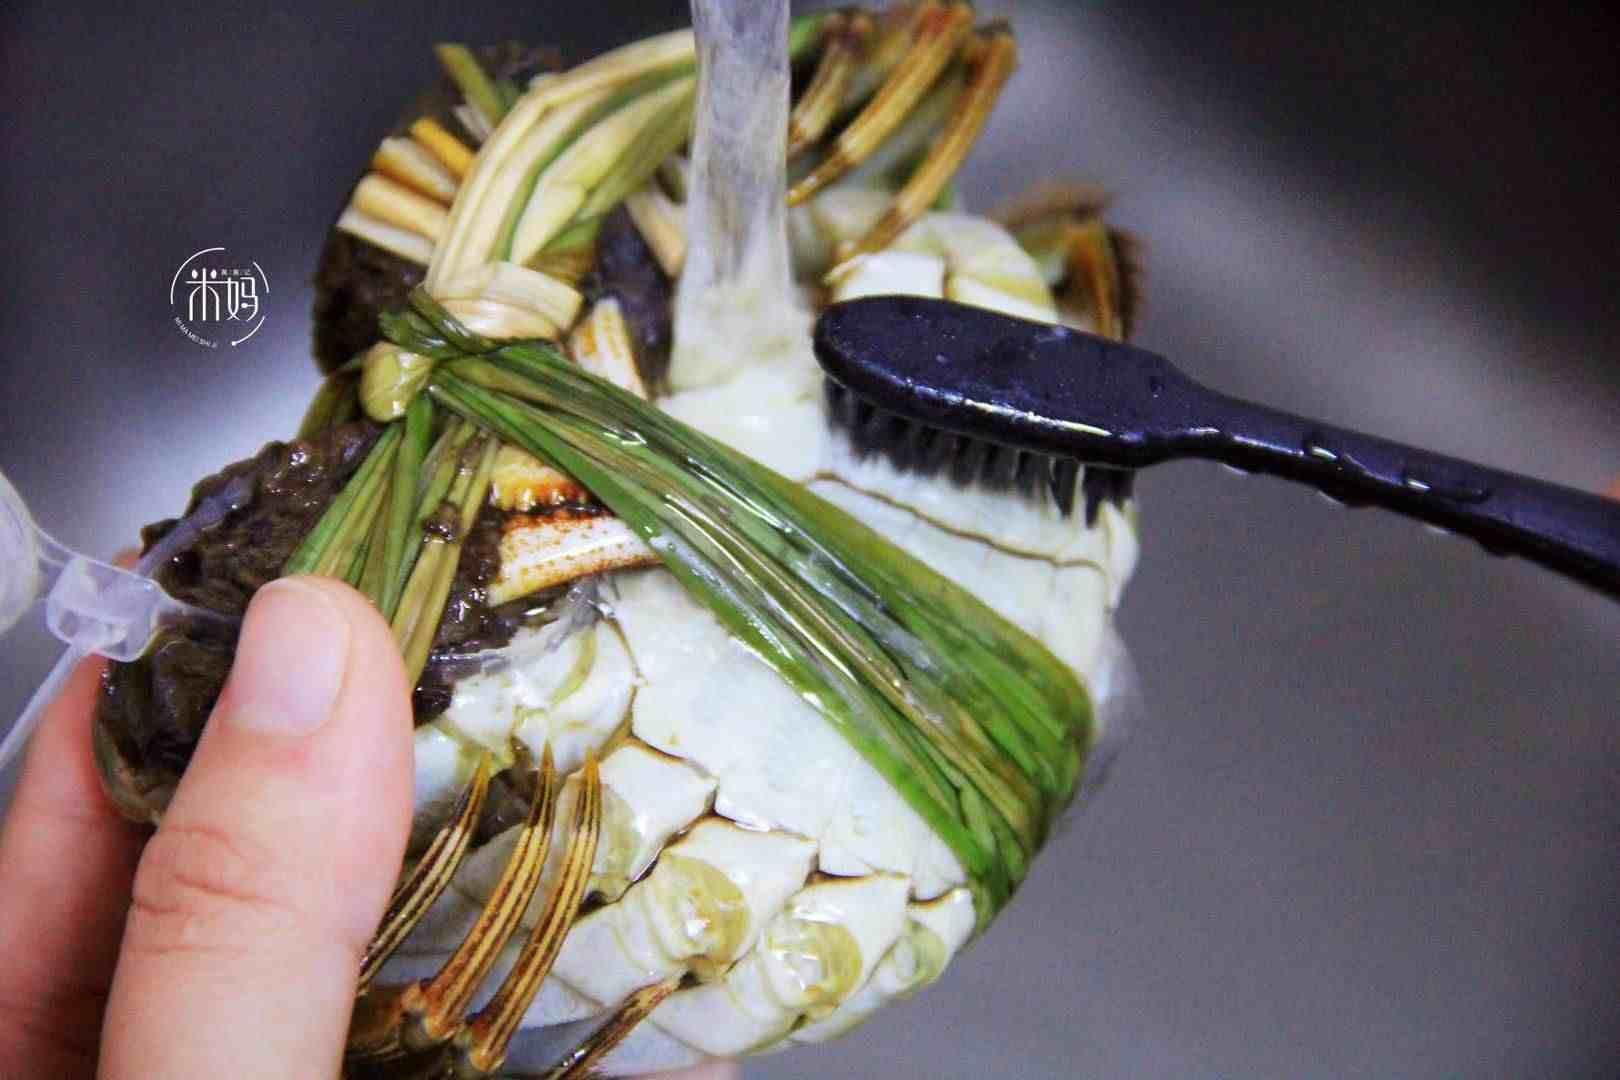 大闸蟹的正确吃法,简单几步让你把蟹吃精光,不浪费